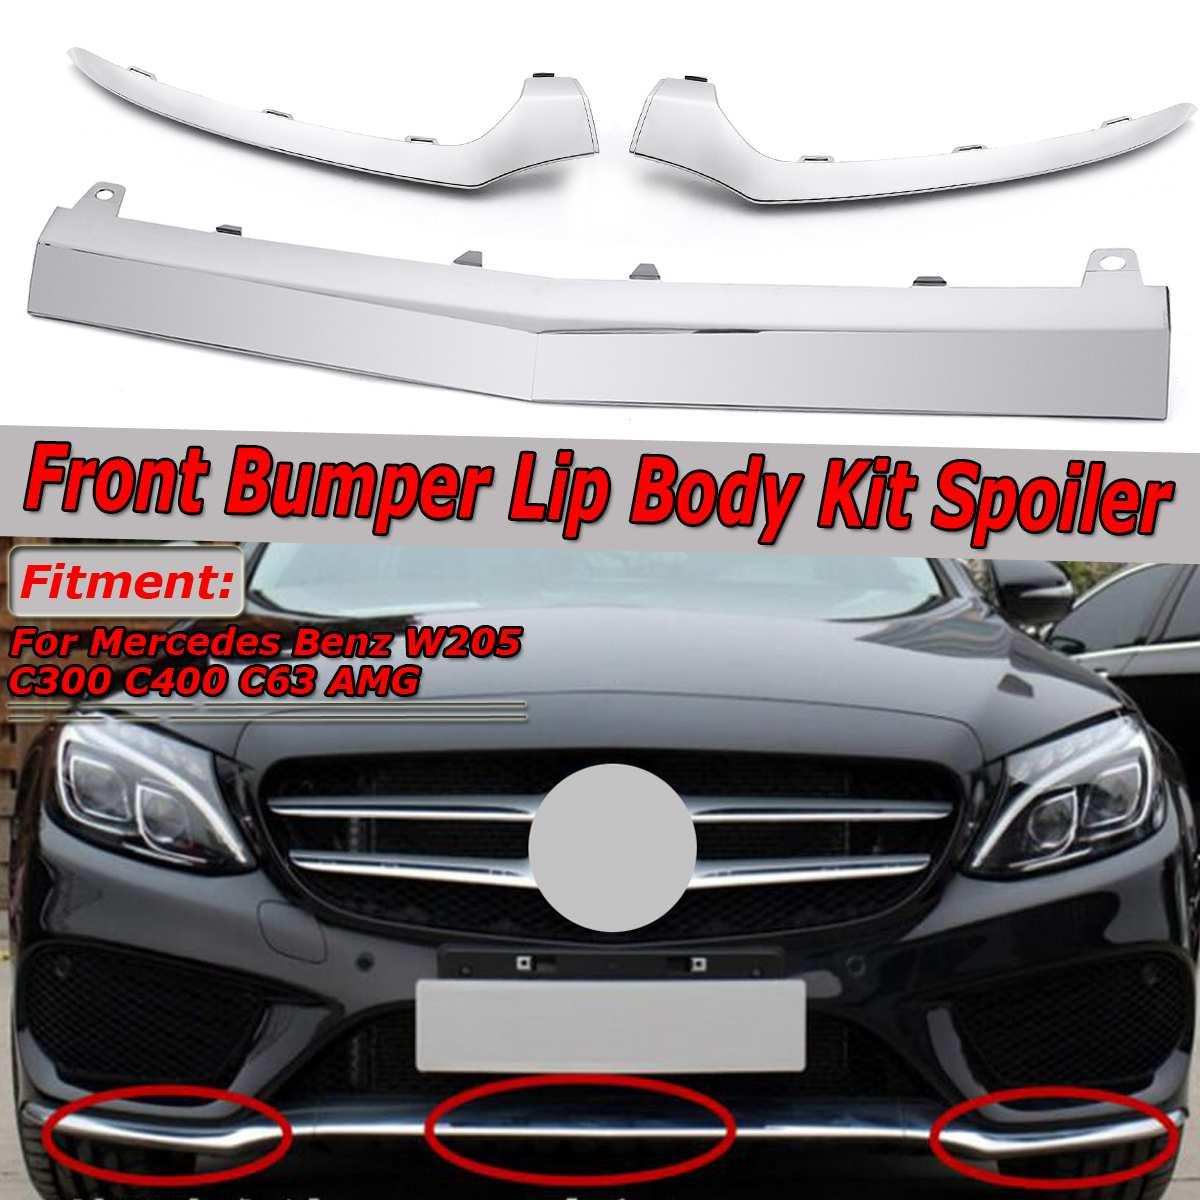 Chrom/Schwarz Auto Front Lower Bumper Lip Splitter Chrome Molding Abdeckung Trim Für Mercedes Für Benz W205 C300 C400 c63 Für AMG